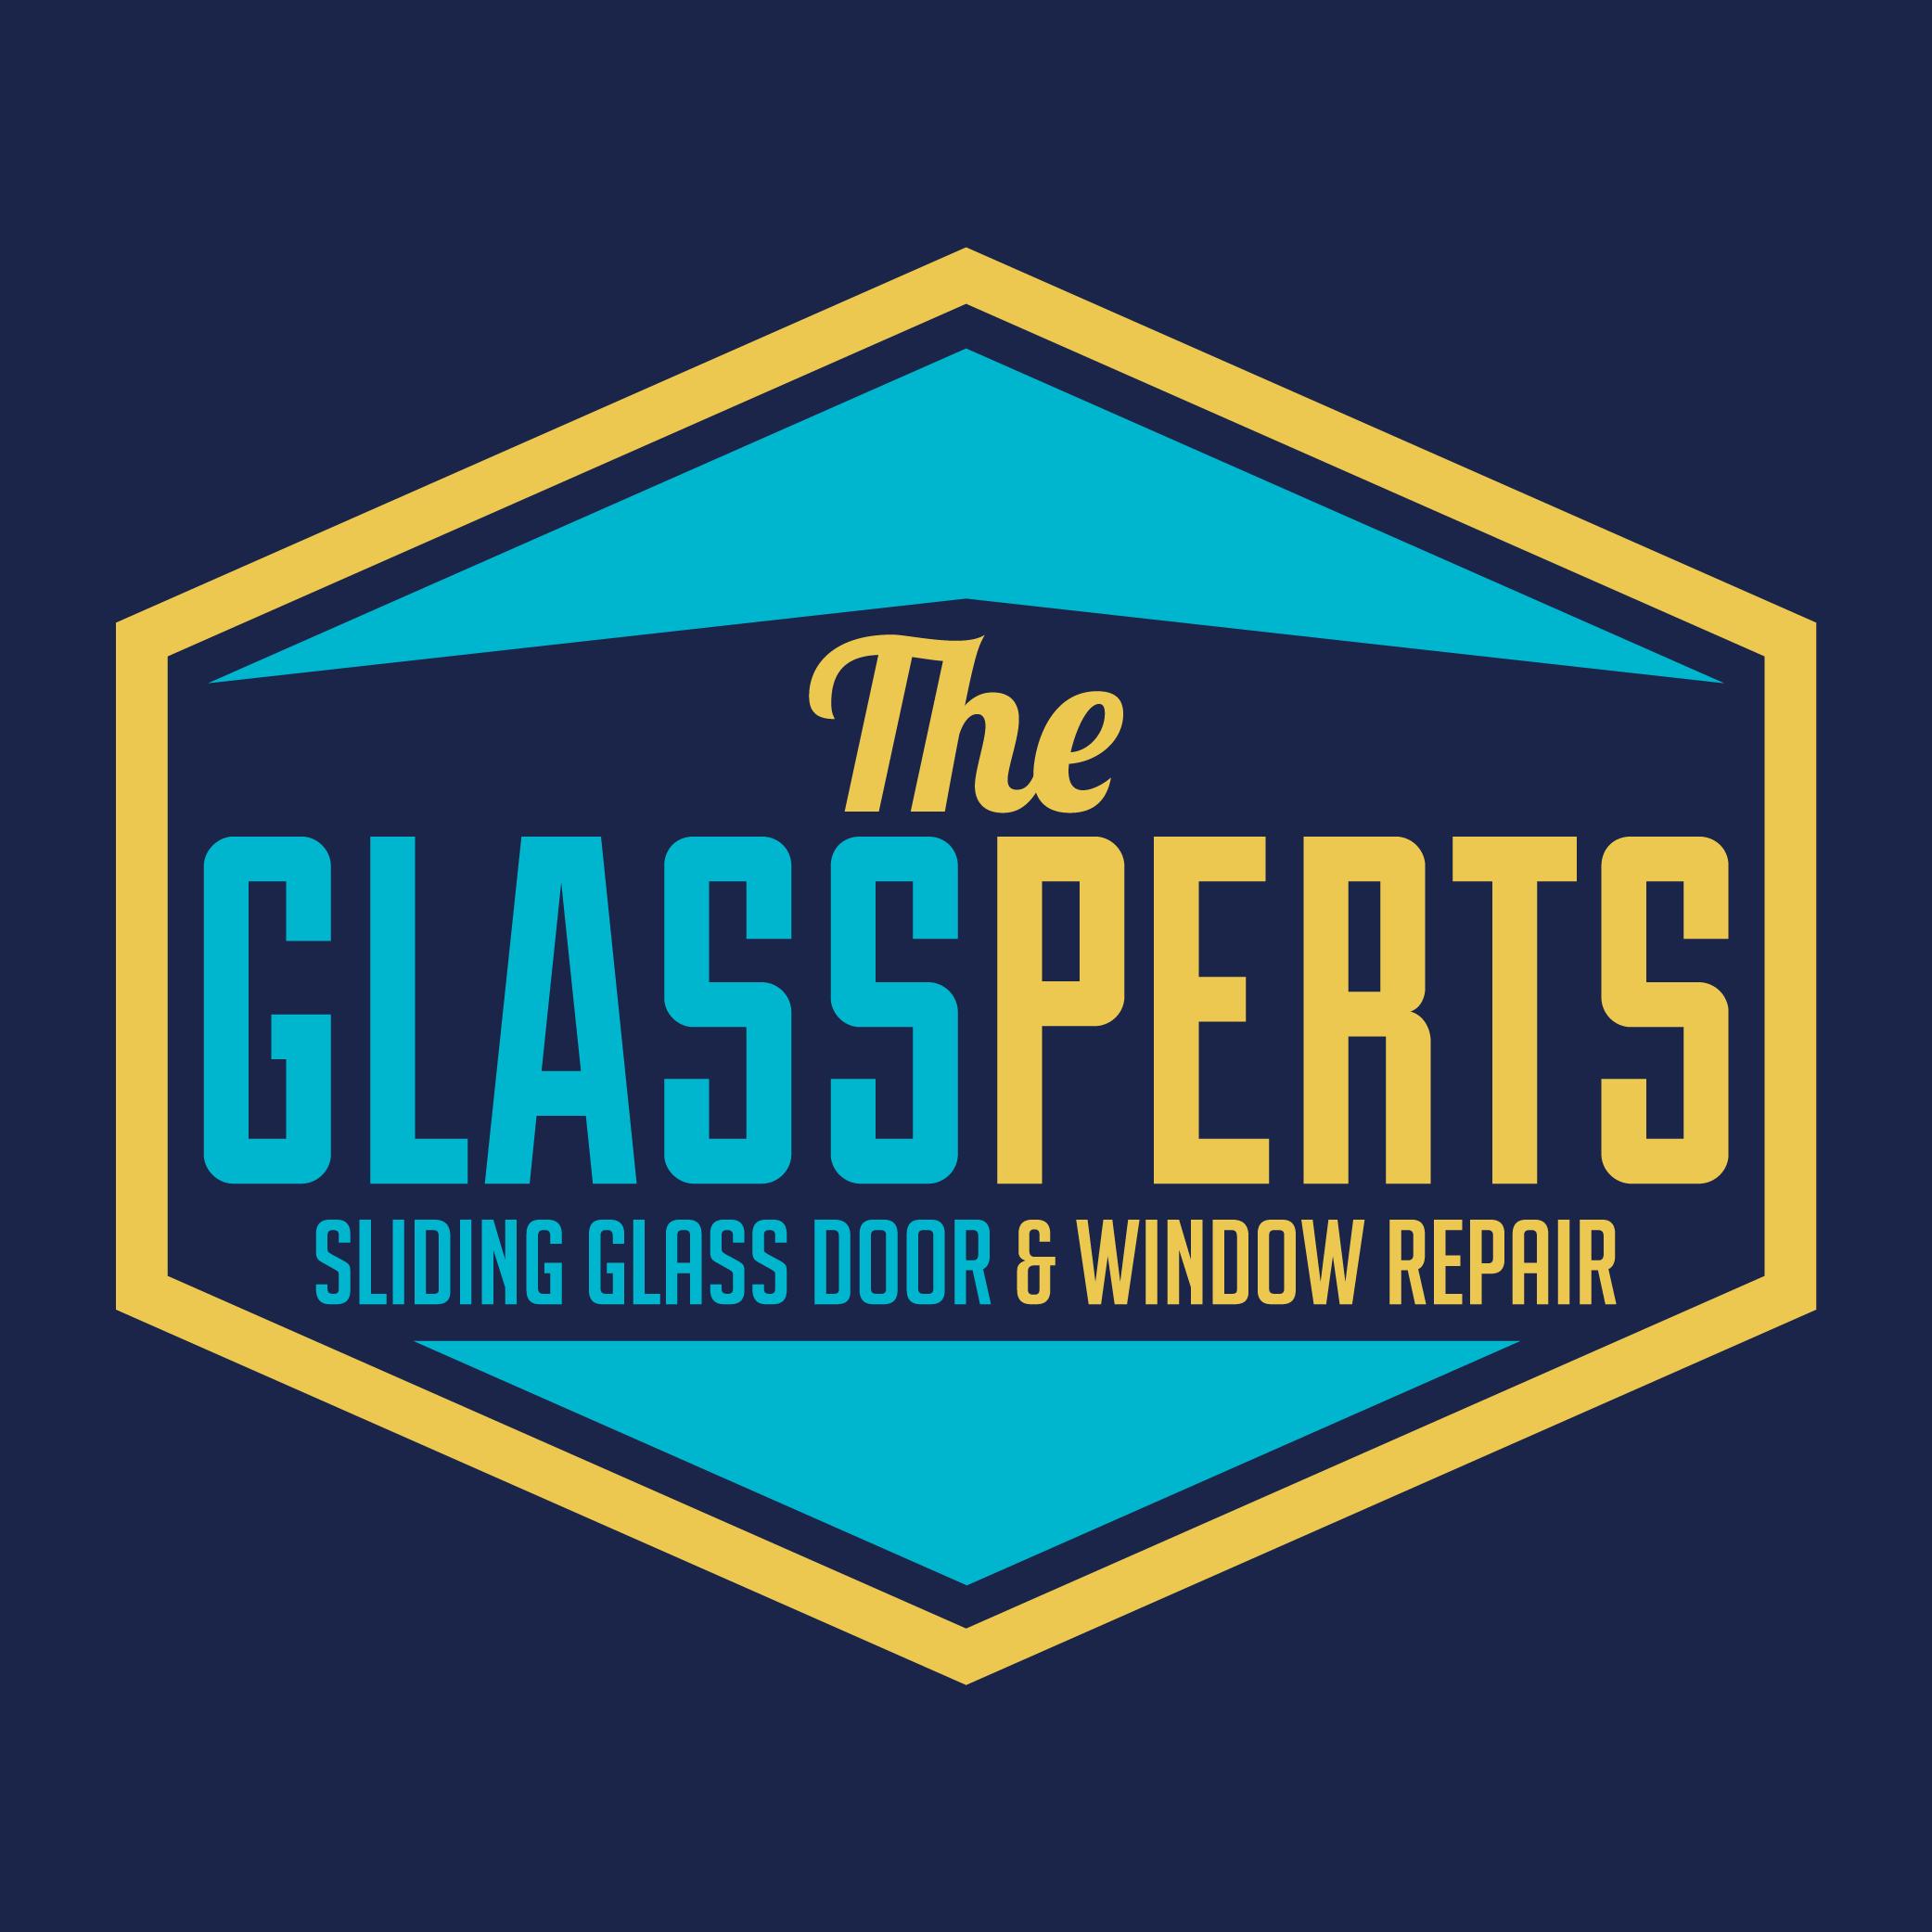 The Glassperts Miami Fl